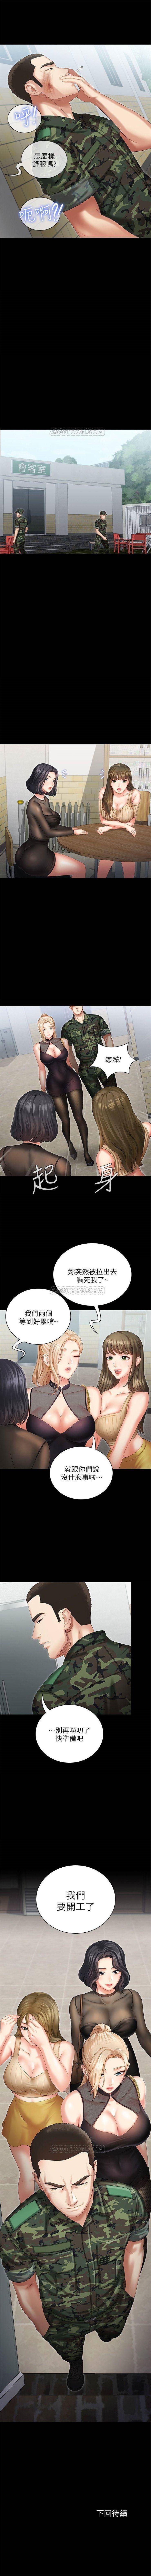 (周6)妹妹的义务 1-13 中文翻译(更新中) 85